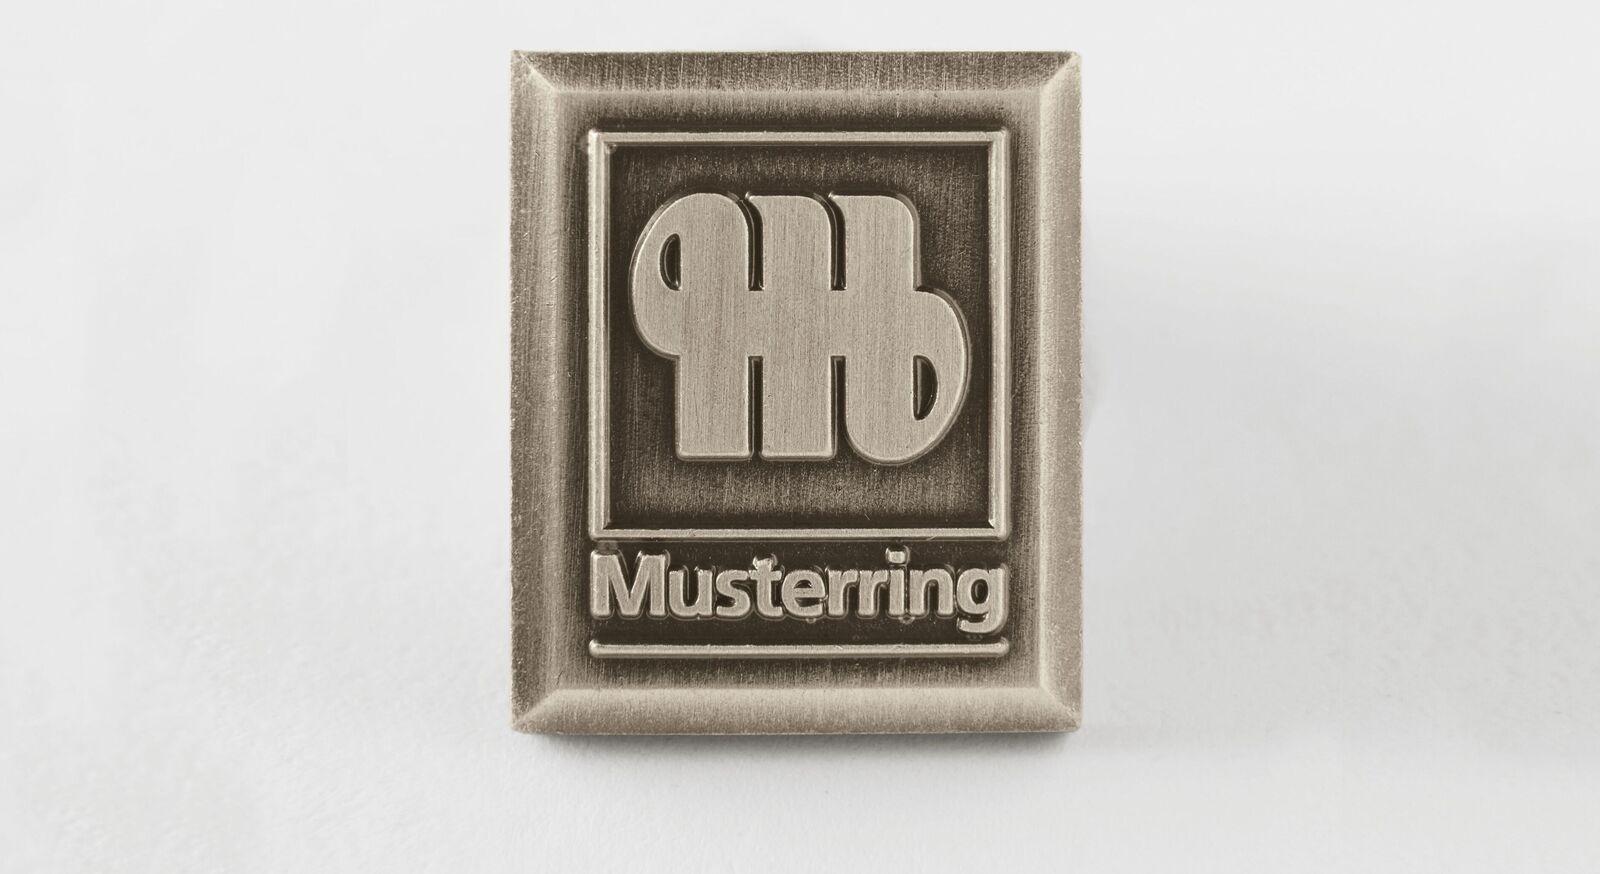 Qualitätskennzeichnung von MUSTERRING Möbeln